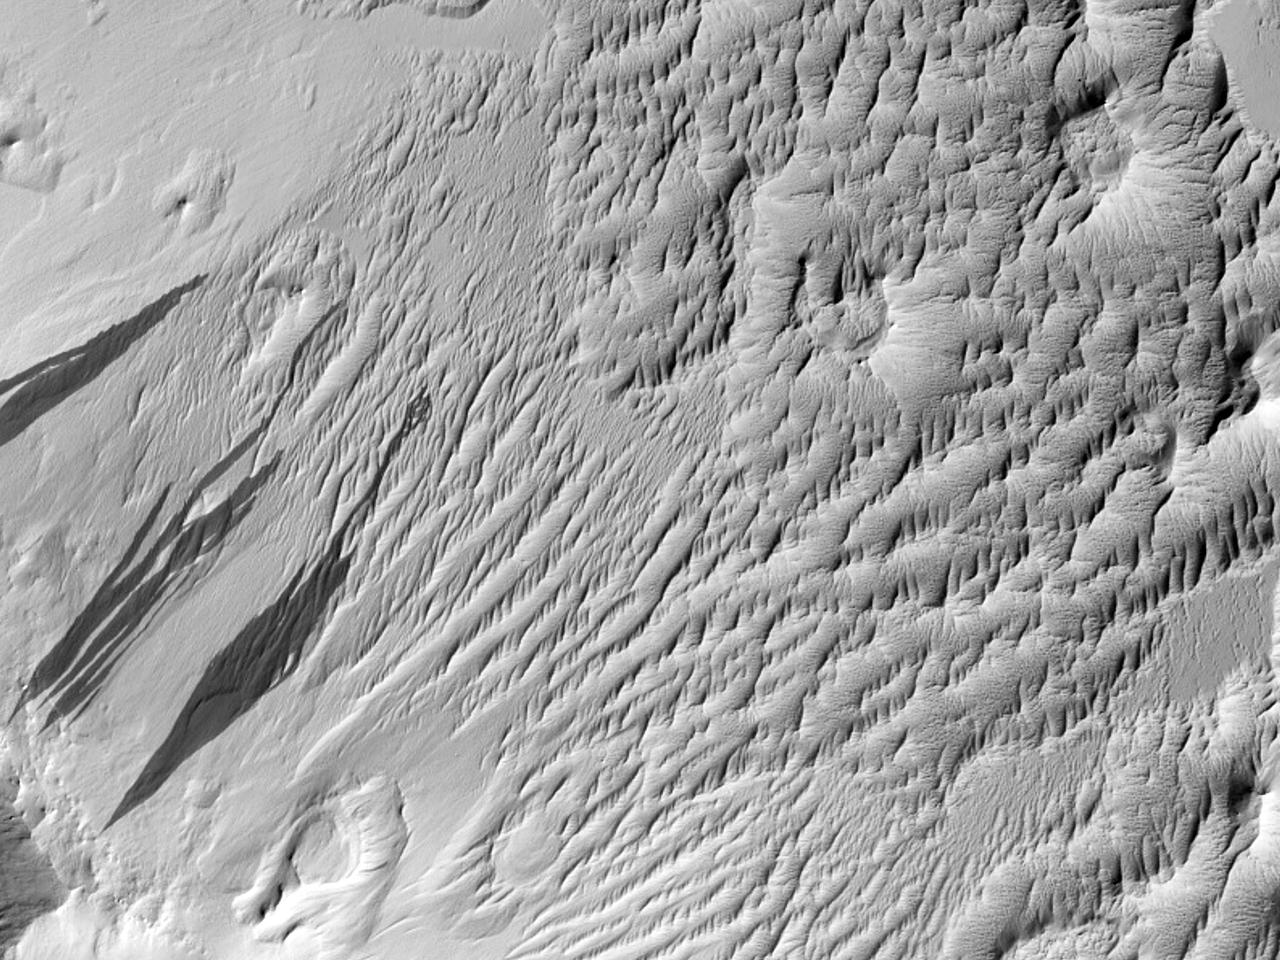 Prøve av terreng fra Mars ogerodert krater